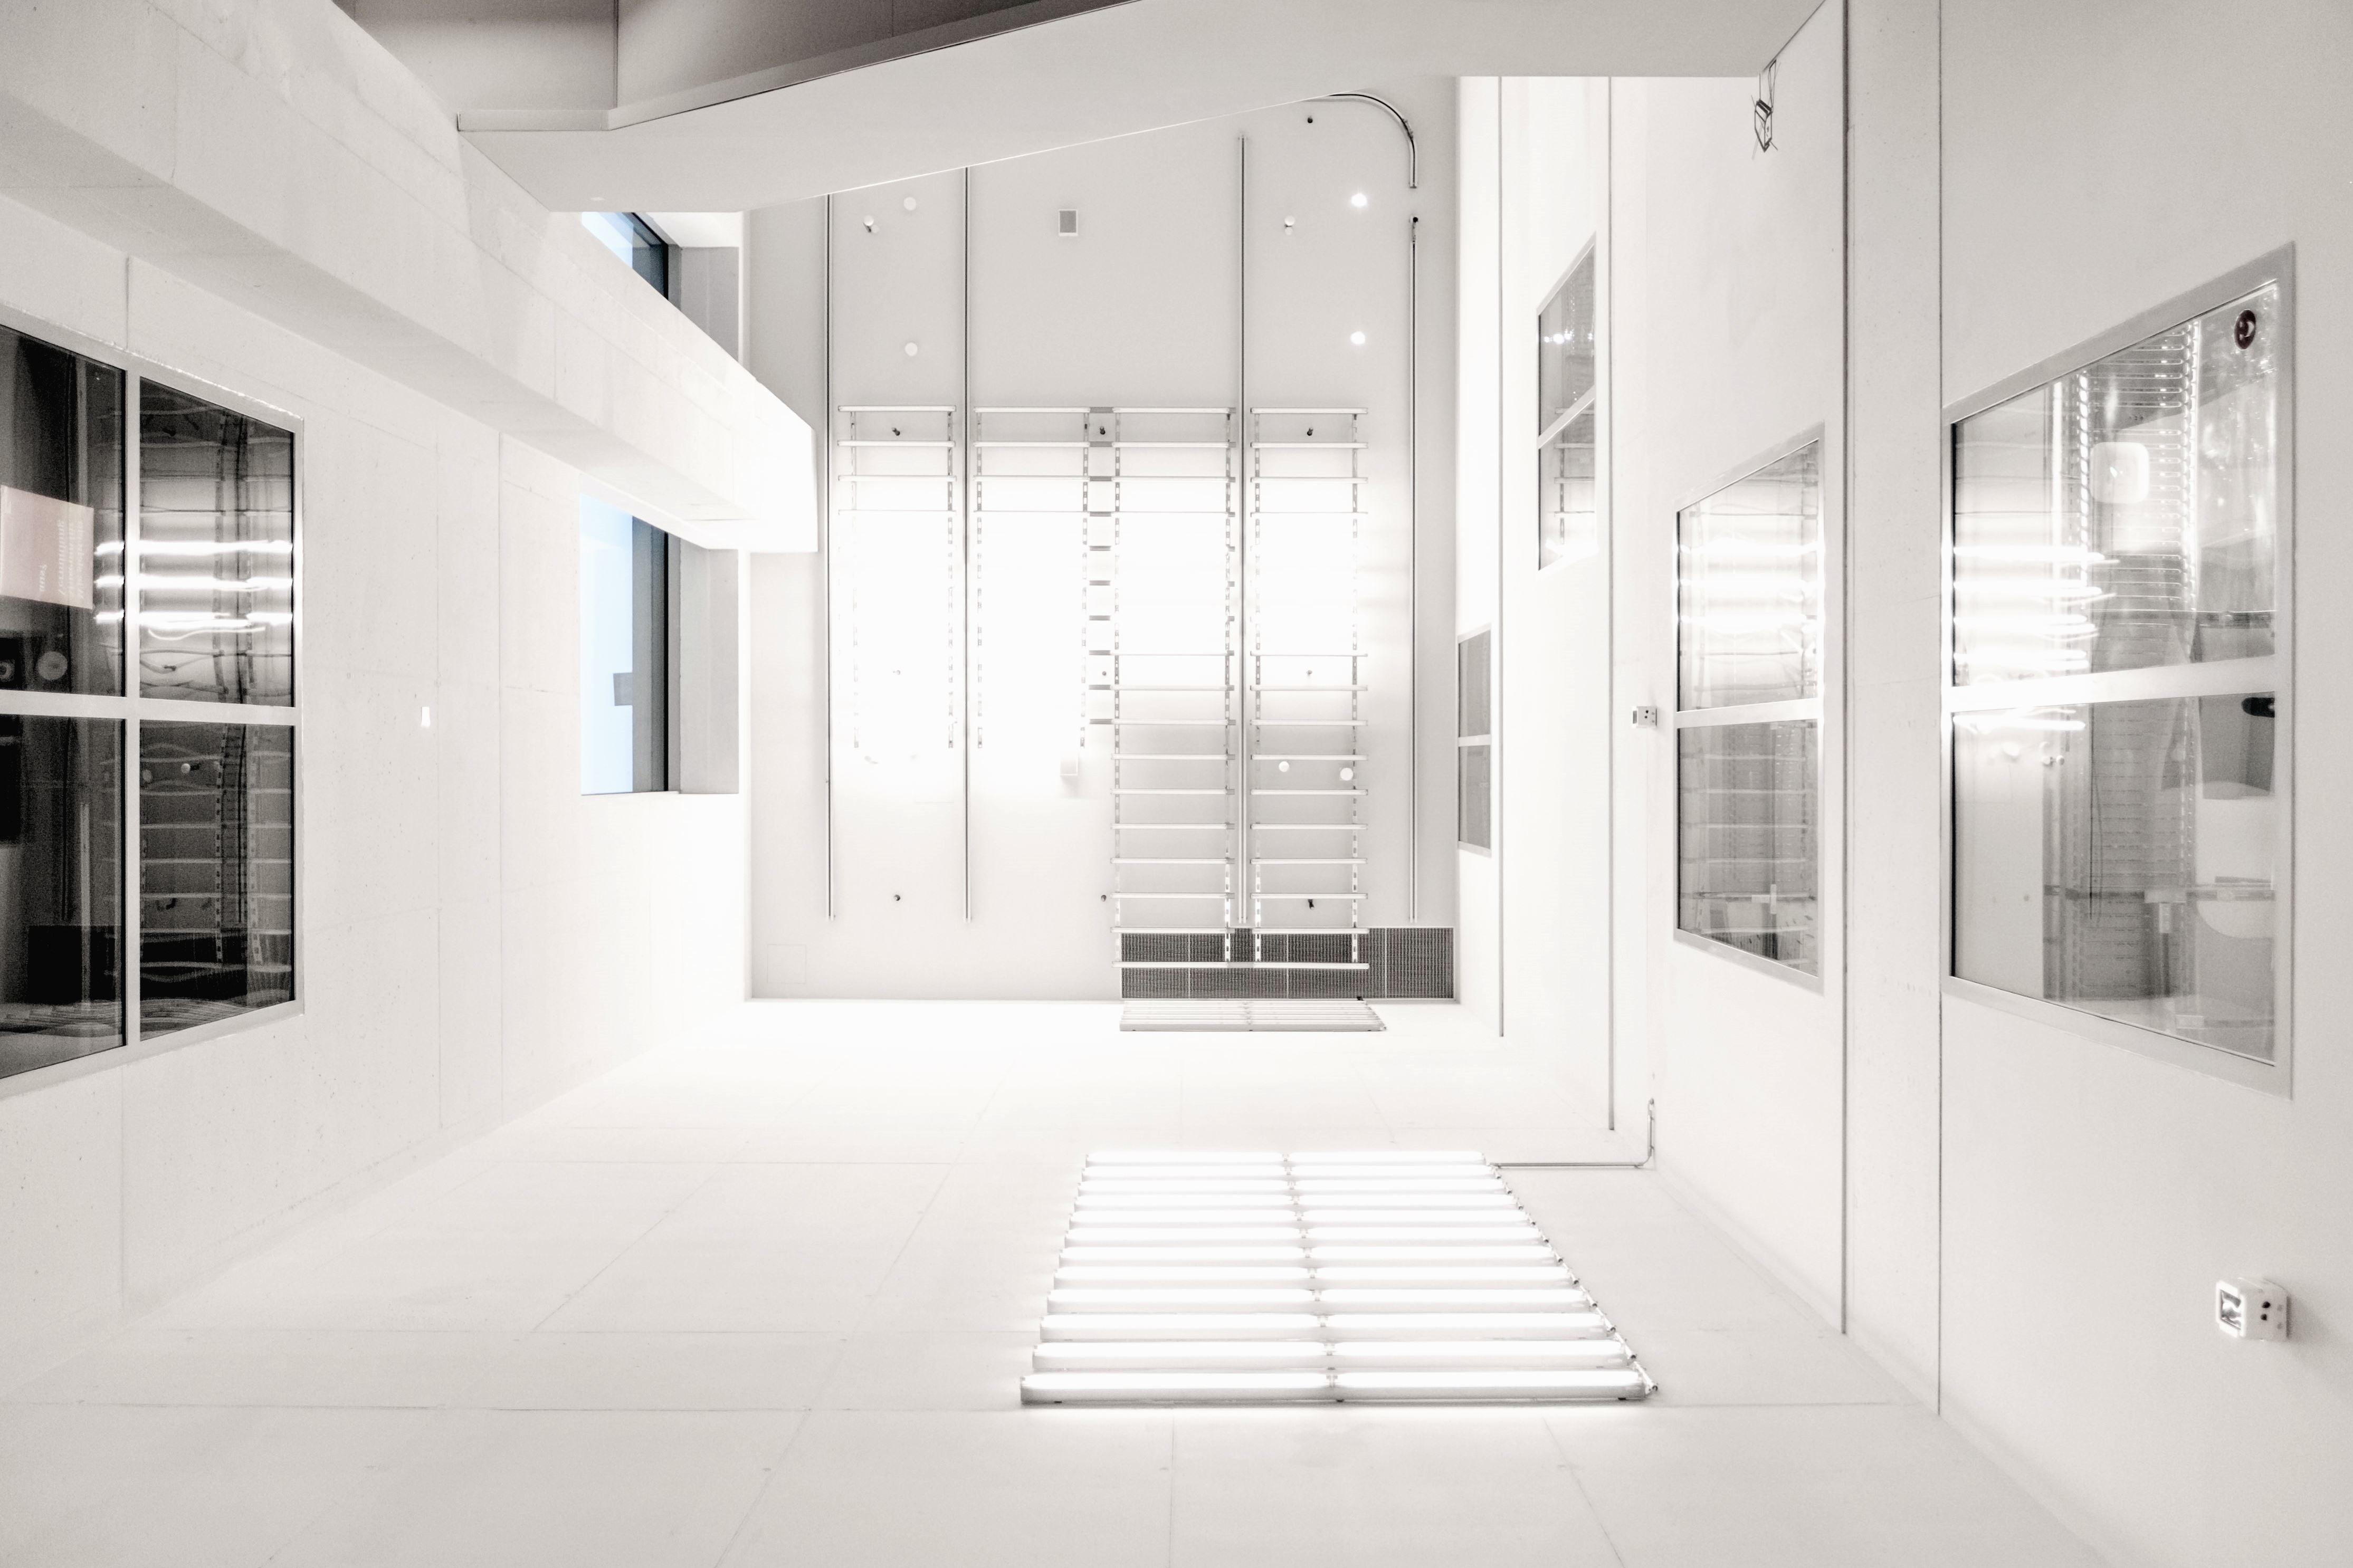 Kostenlose bild m bel innenraum zimmer wohnung design for Wohnung interior